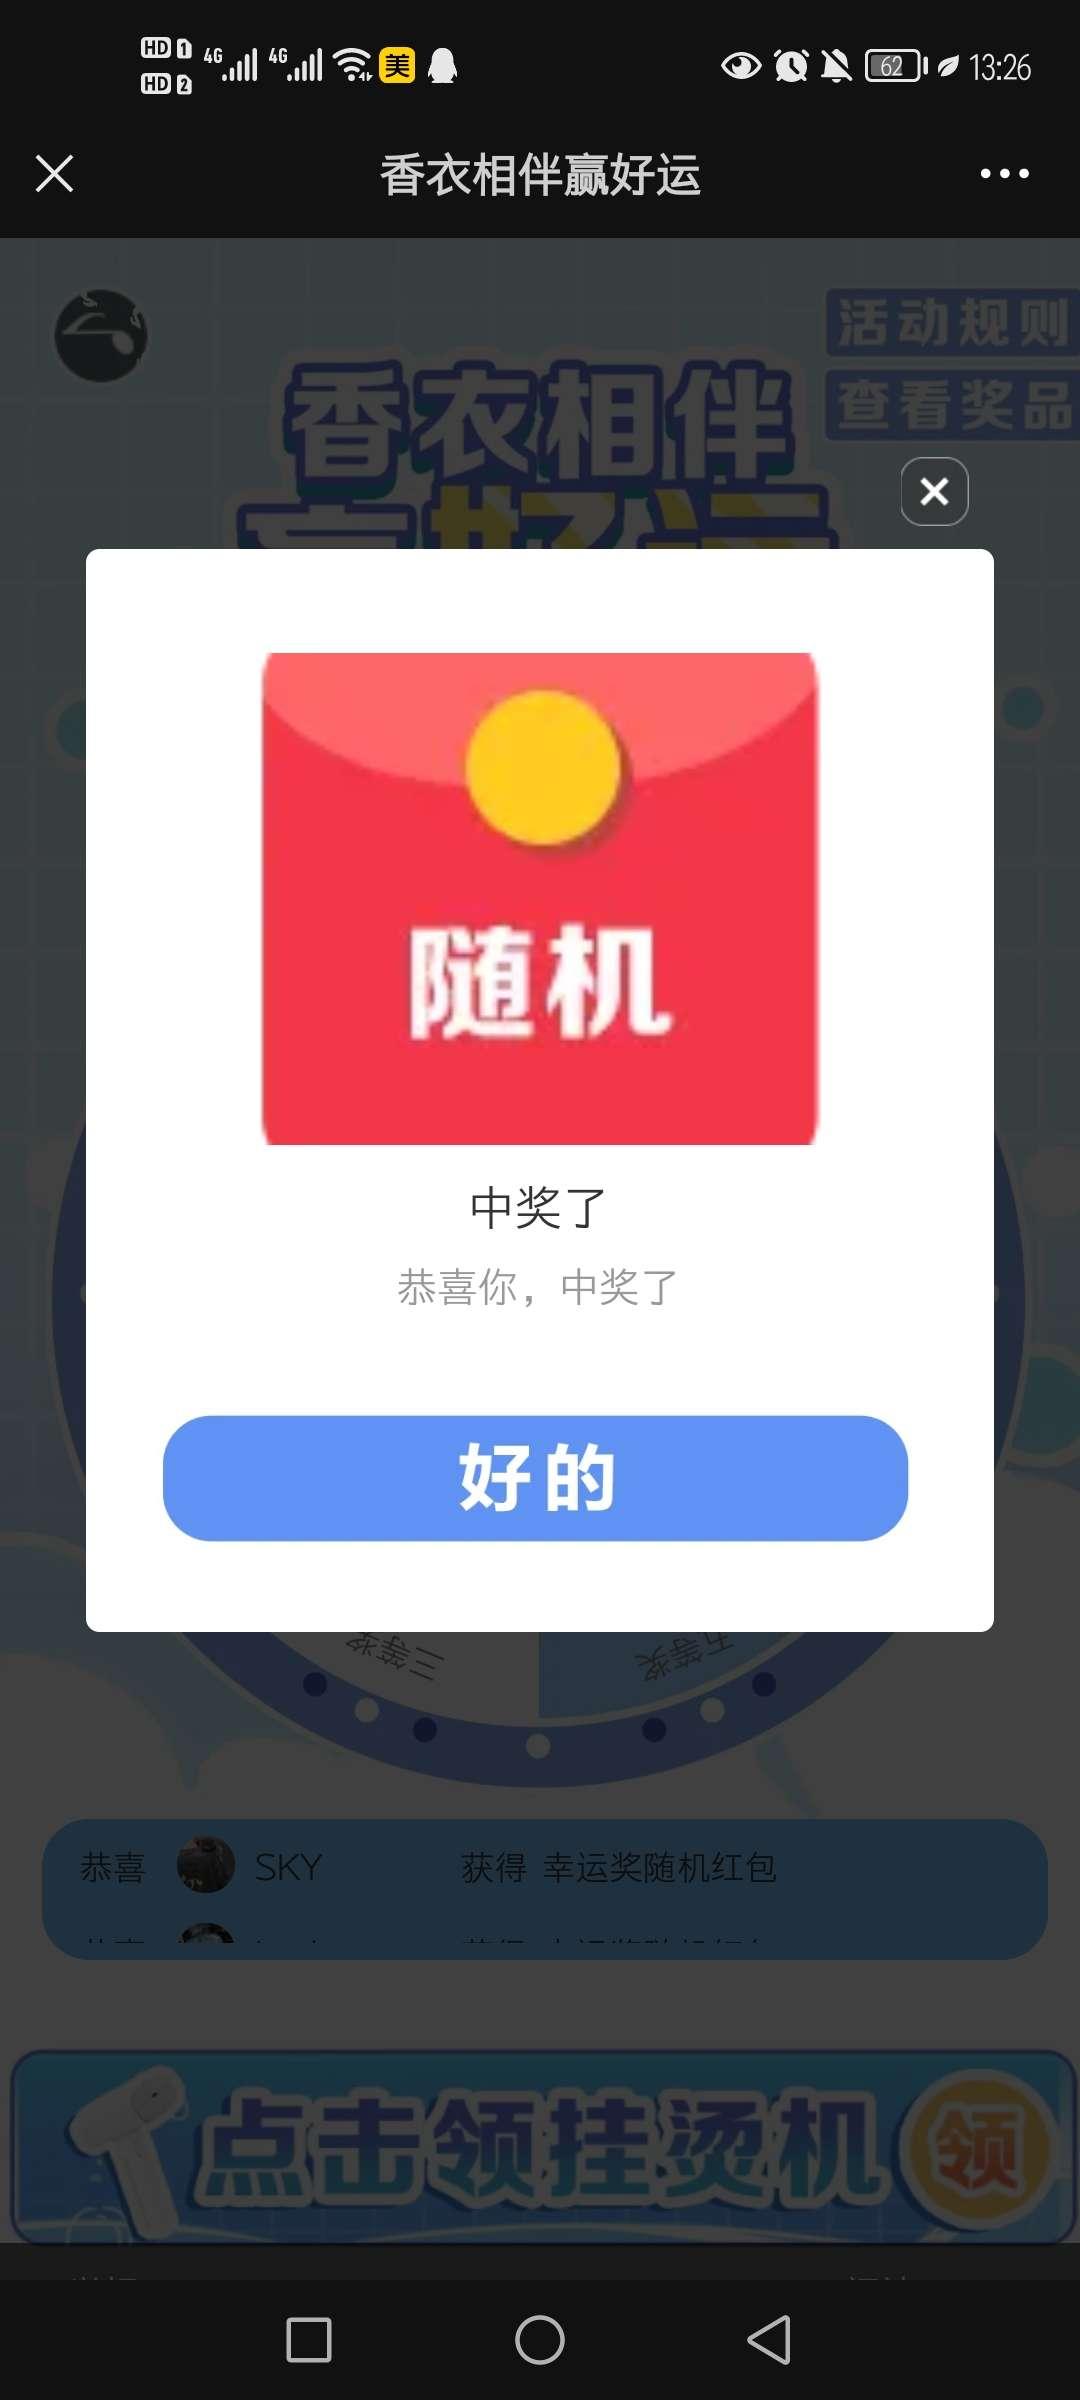 【大红包会员专区】微信公众平台小红包插图